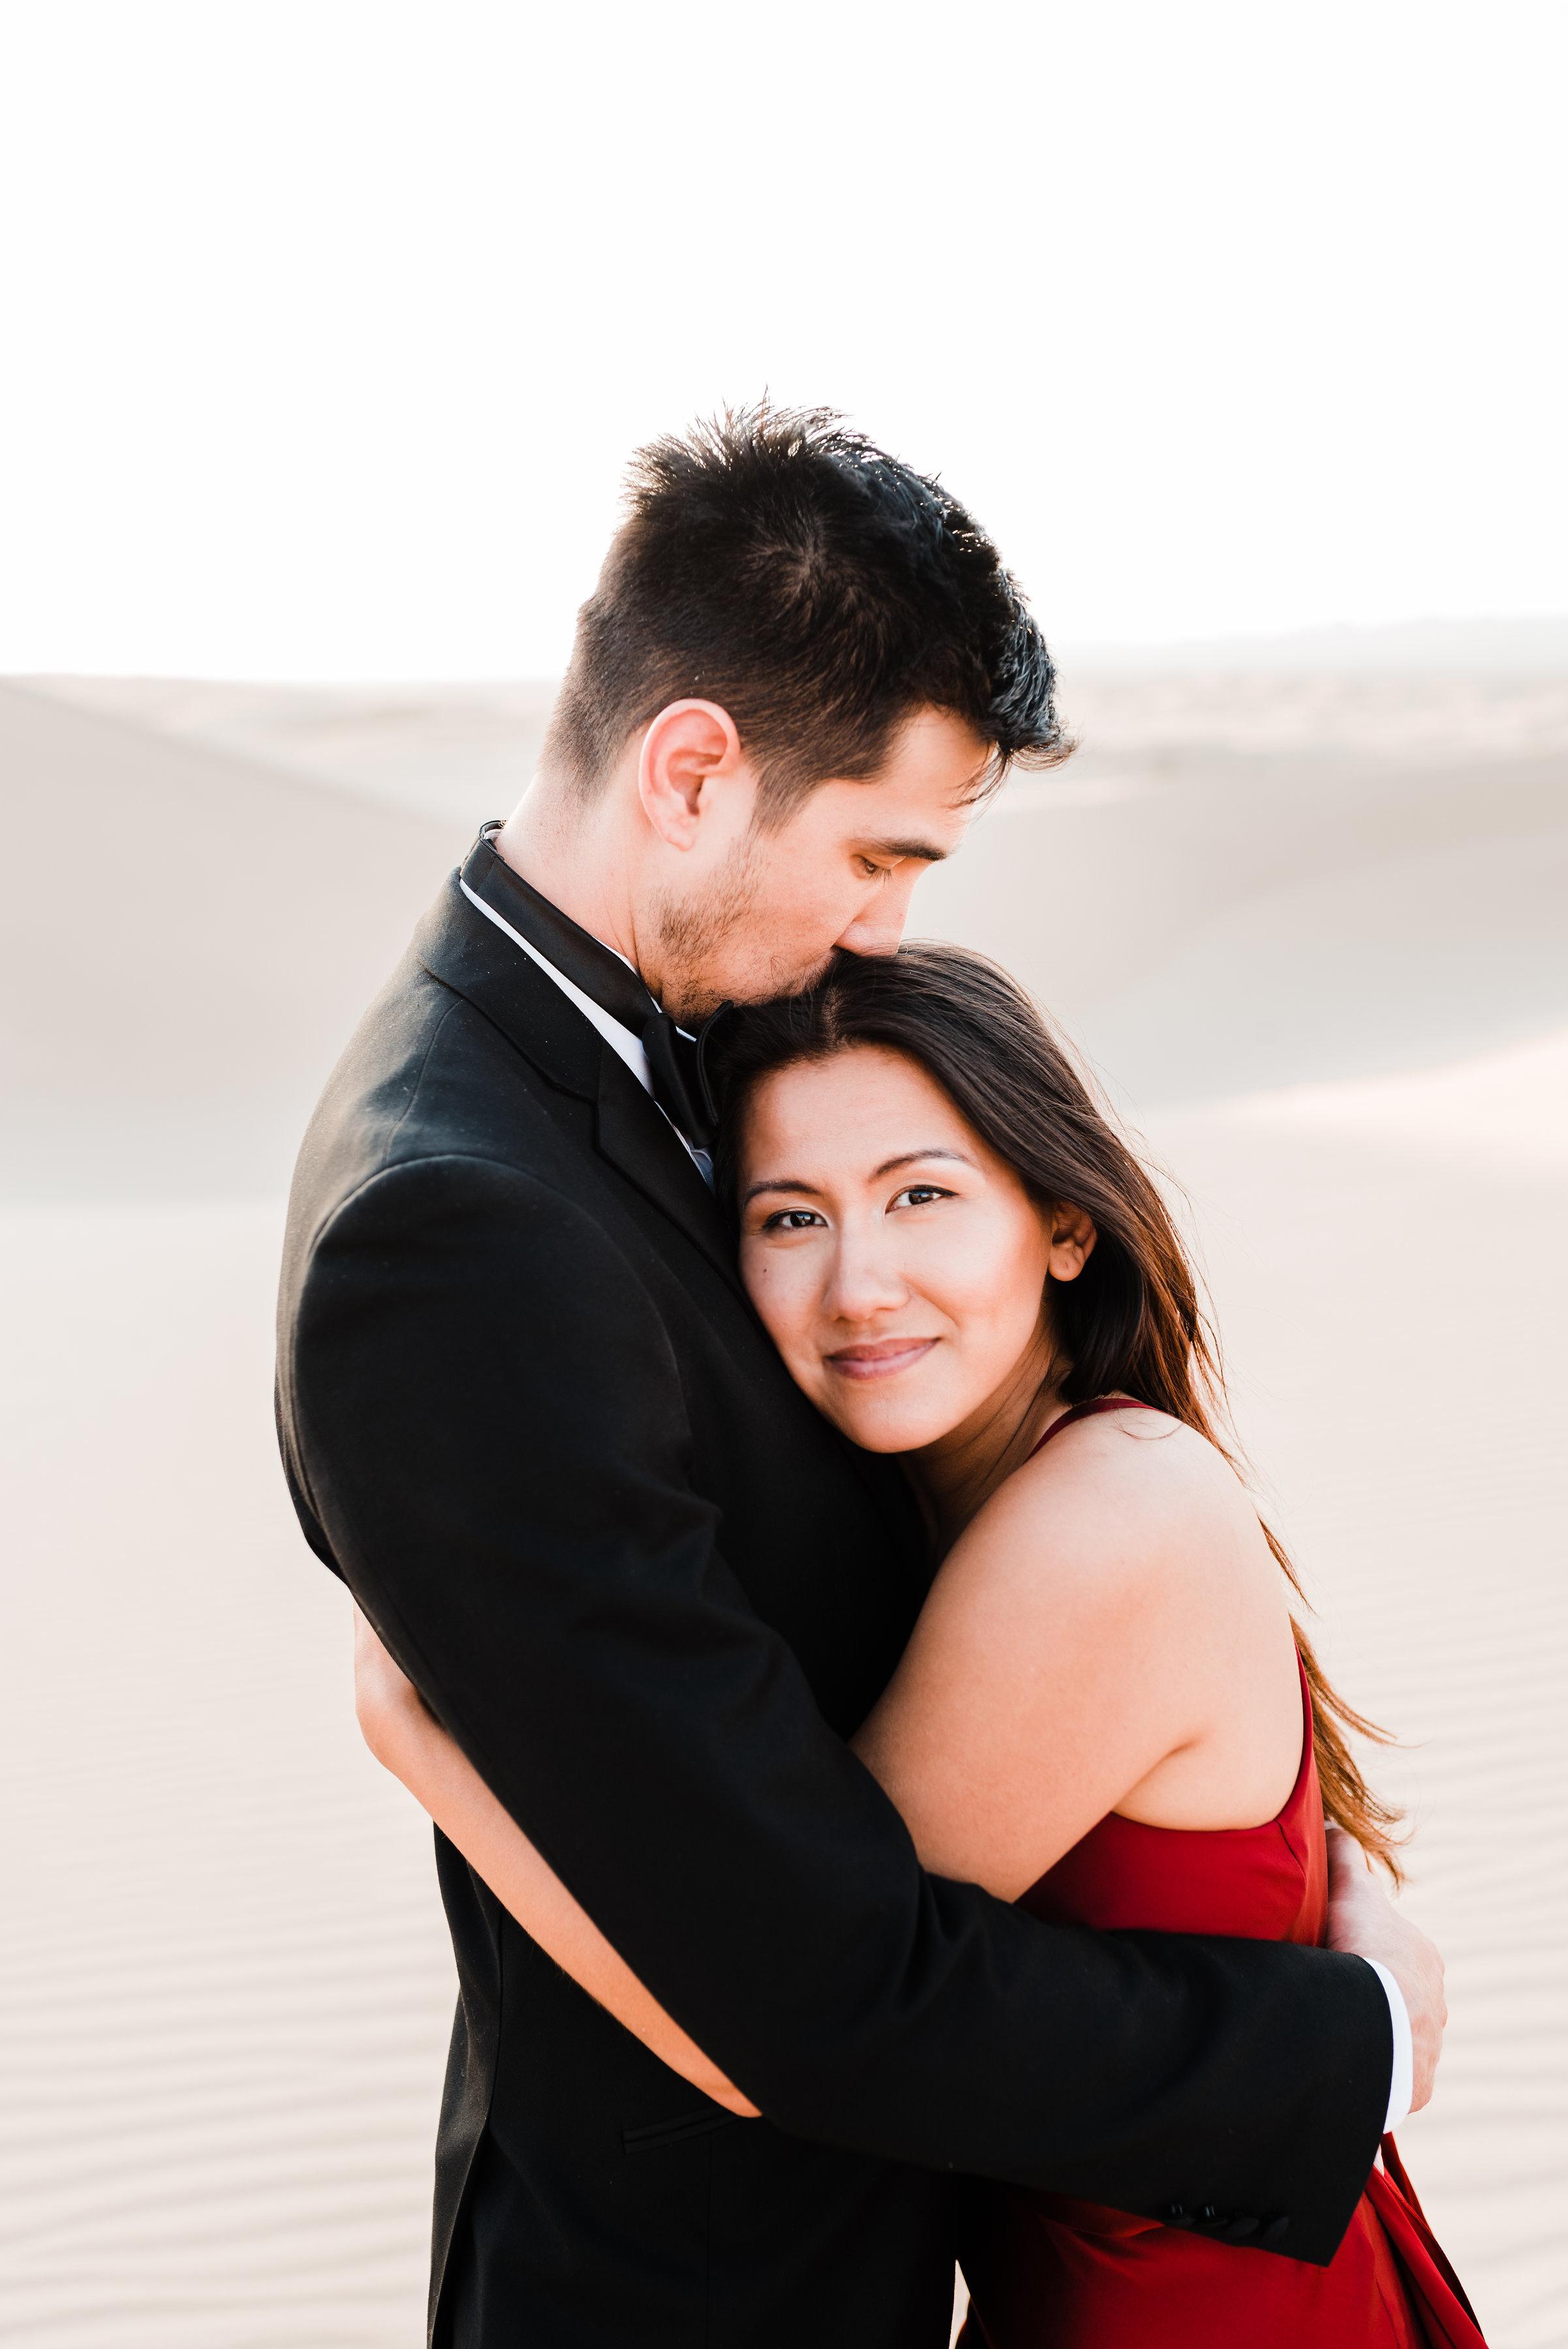 Custom wedding dress designer red 28.jpg